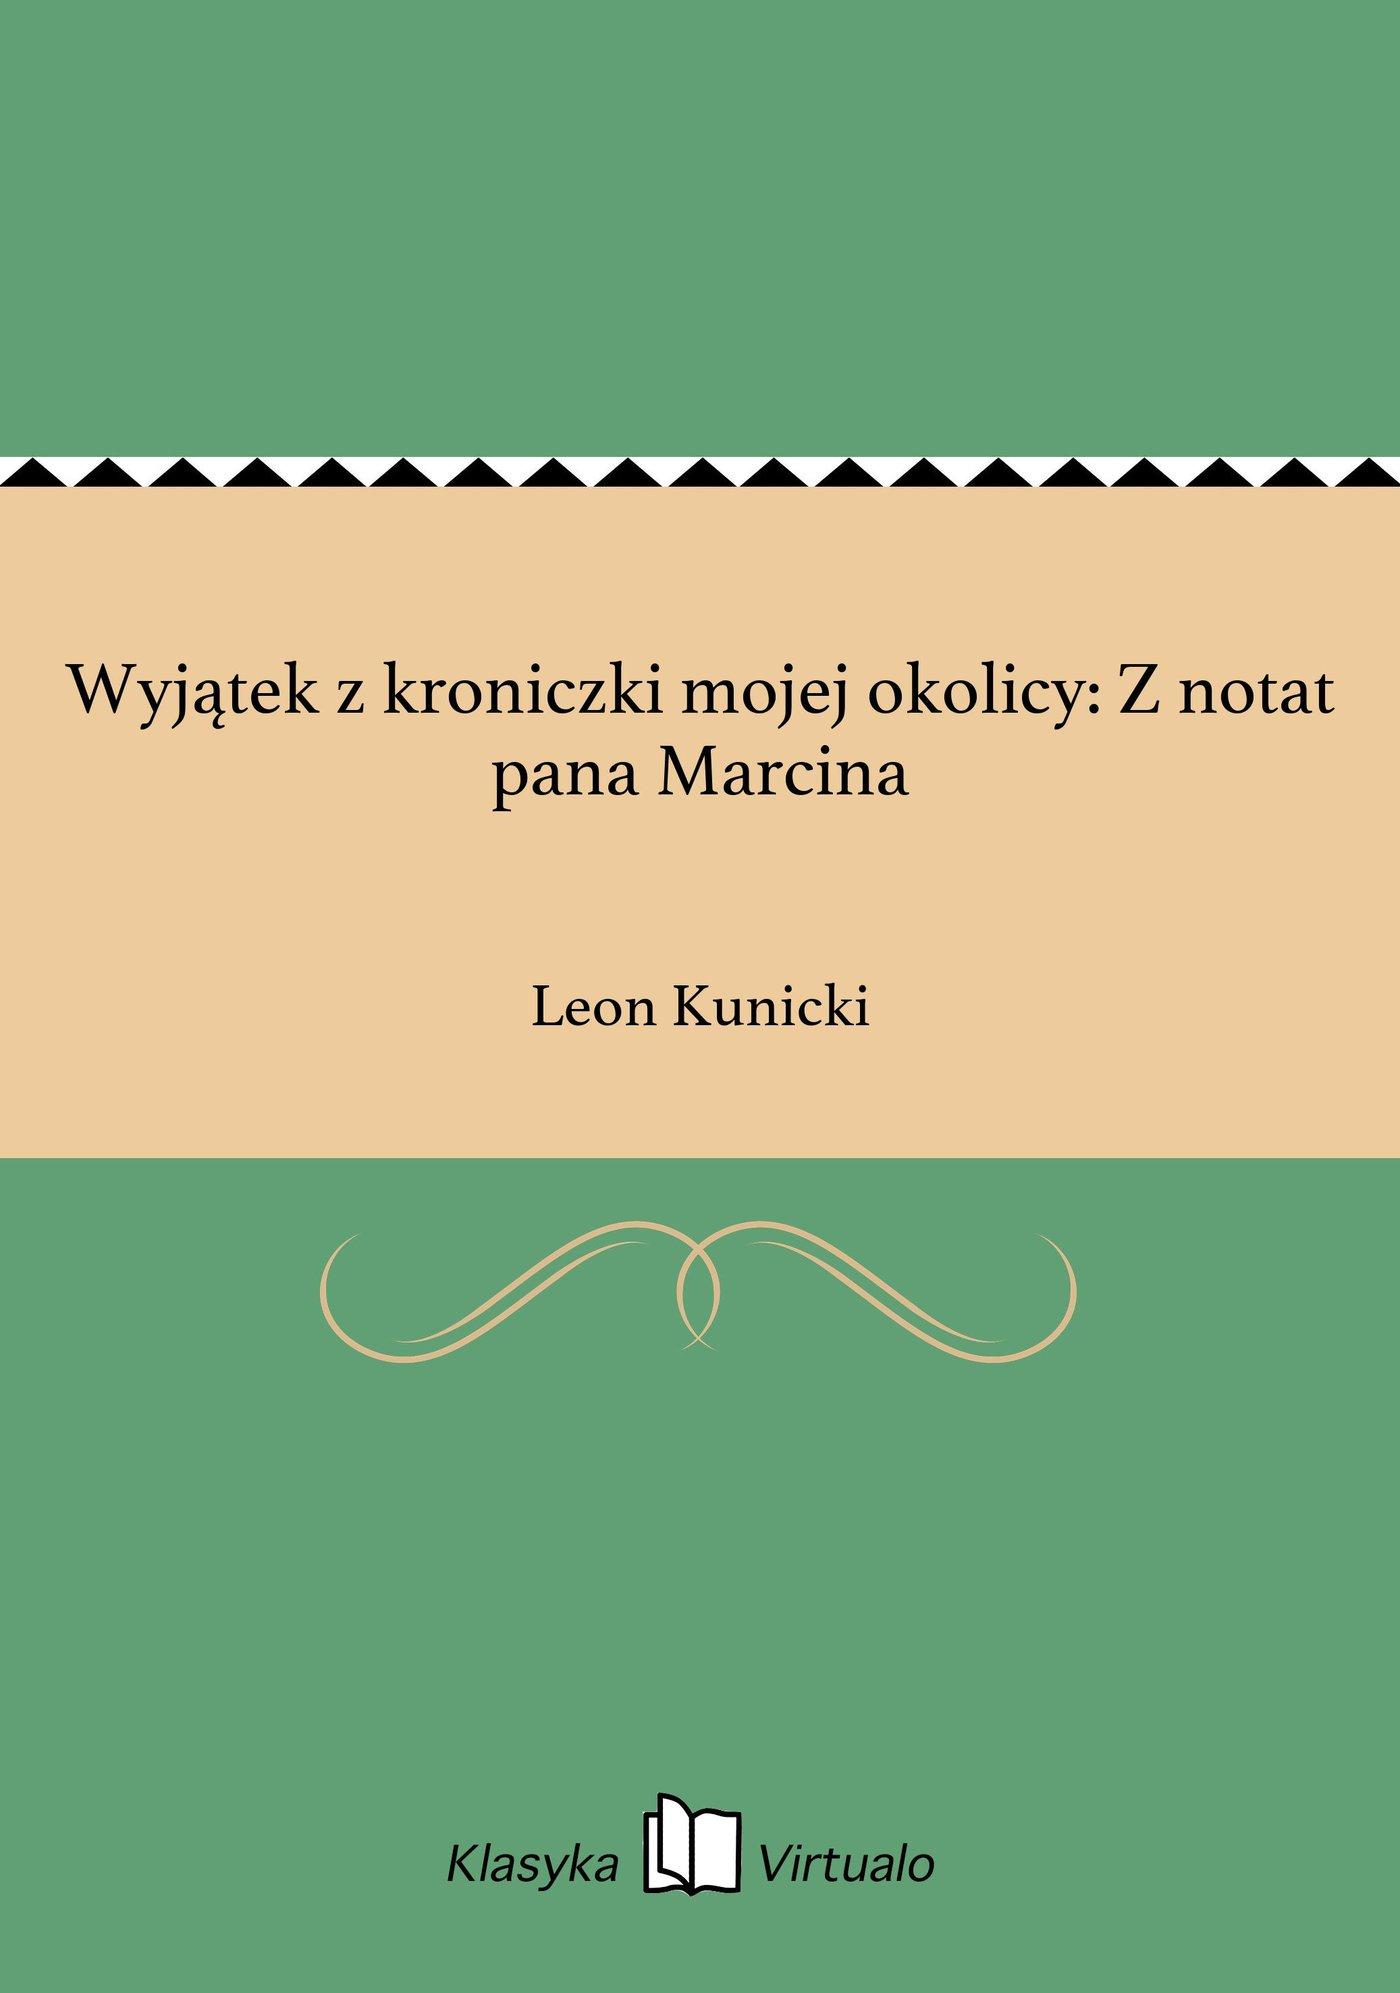 Wyjątek z kroniczki mojej okolicy: Z notat pana Marcina - Ebook (Książka na Kindle) do pobrania w formacie MOBI